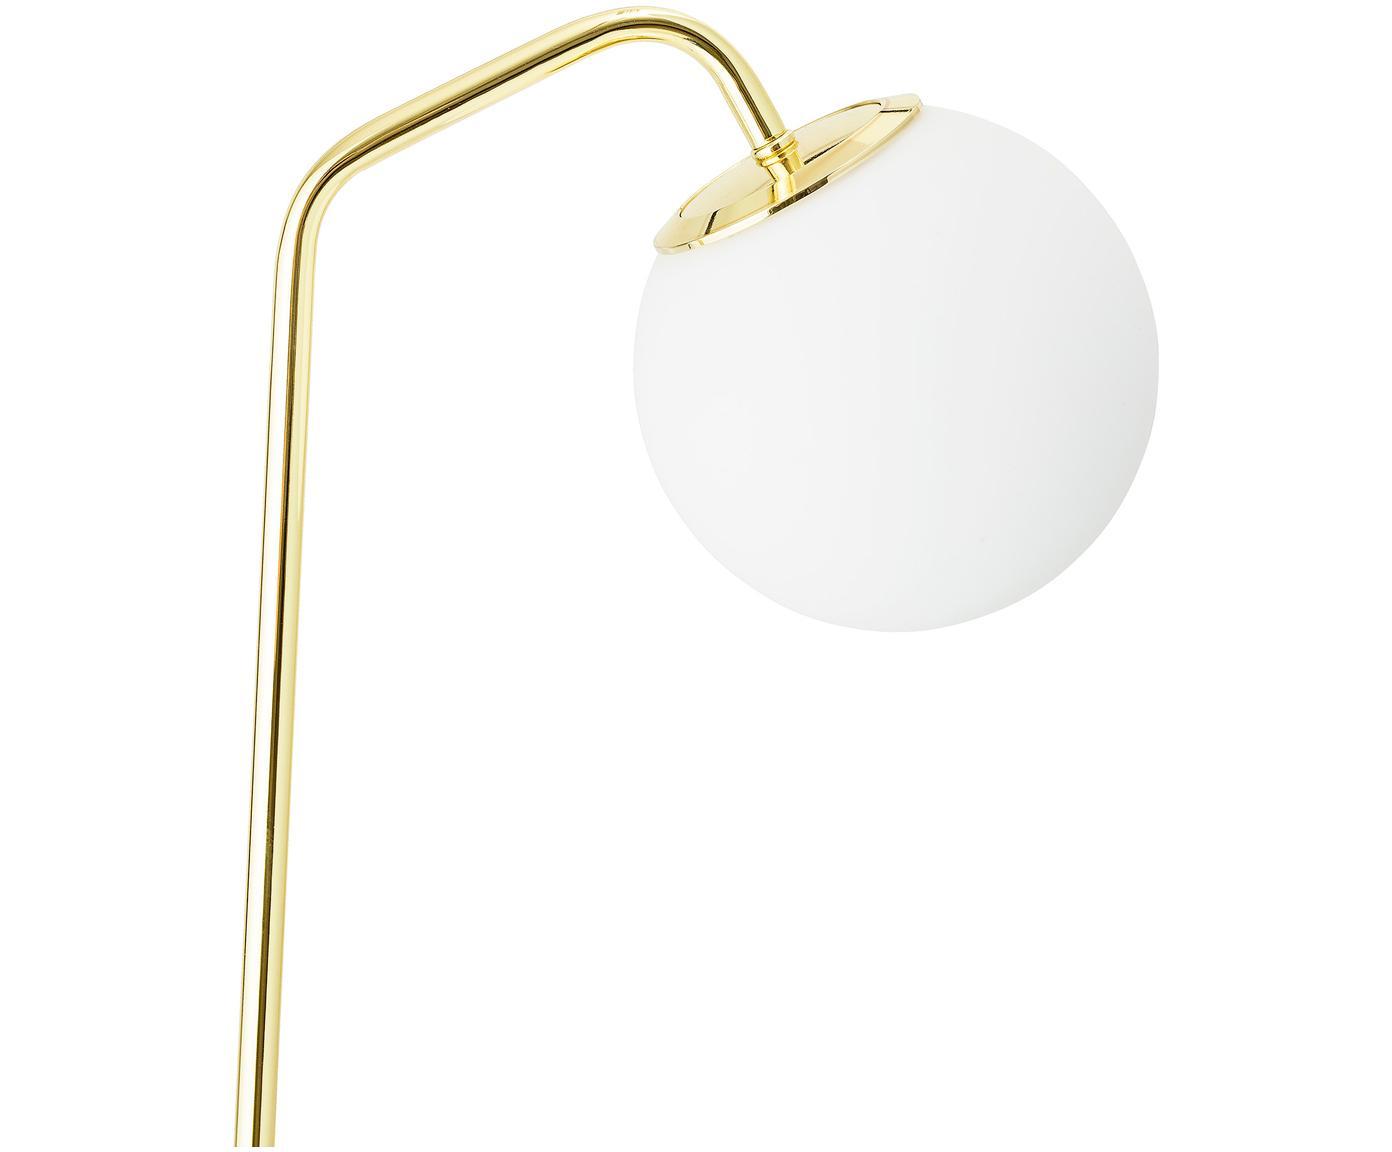 Lampa podłogowa Kurt, Stelaż: metal lakierowany, Odcienie mosiądzu, S 30 x W 150 cm